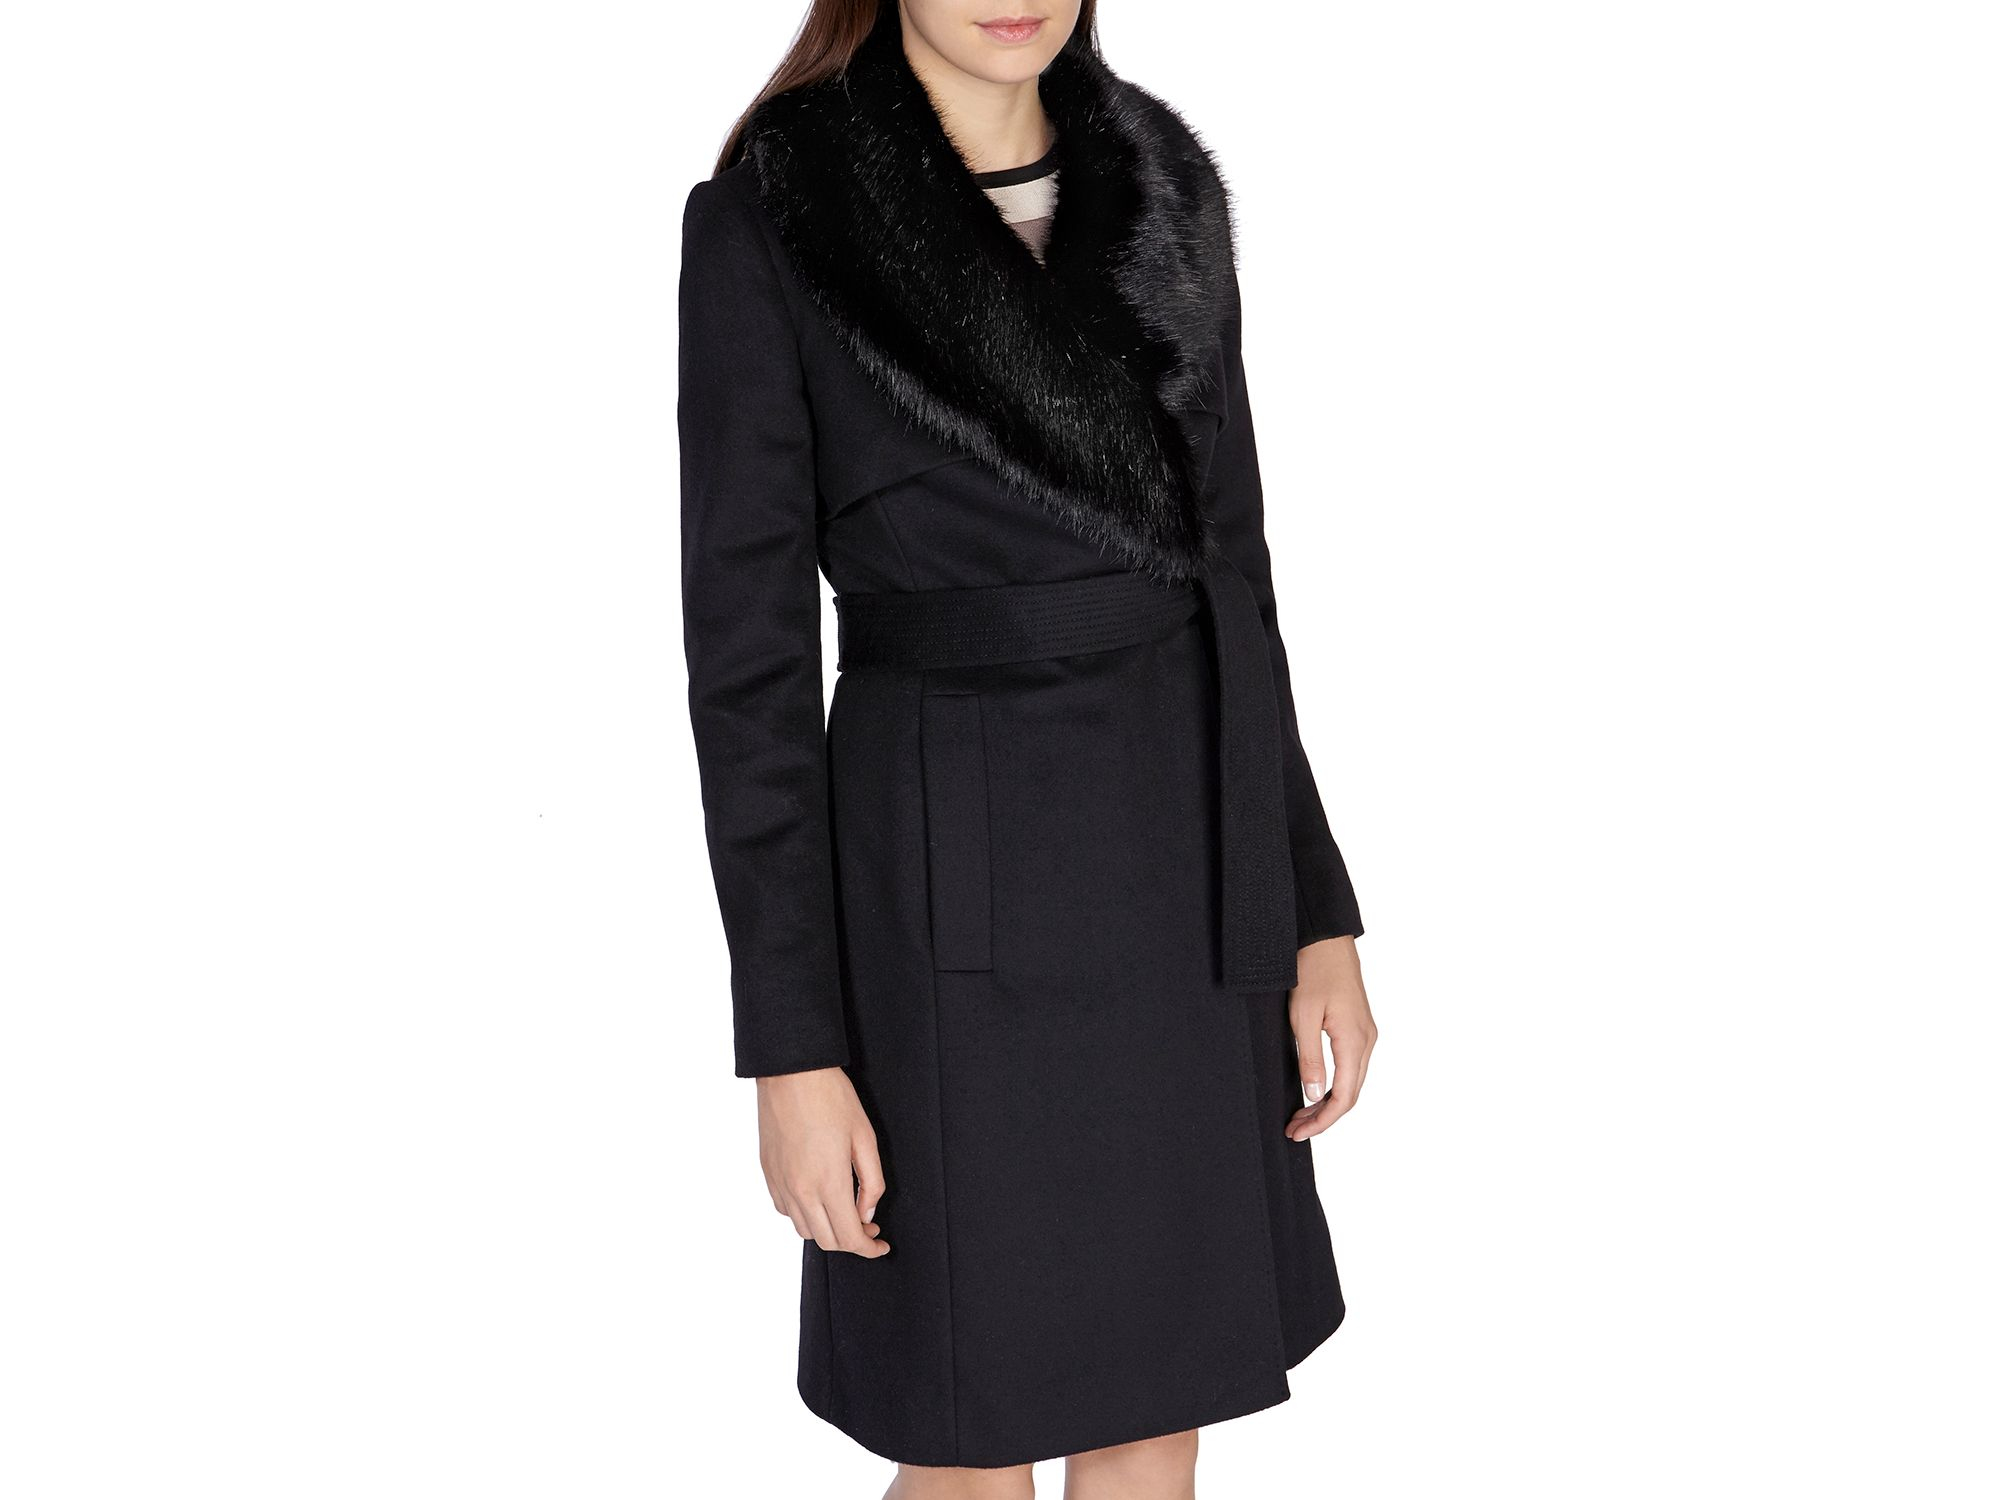 Karen millen Faux Fur Collar Coat in Black | Lyst